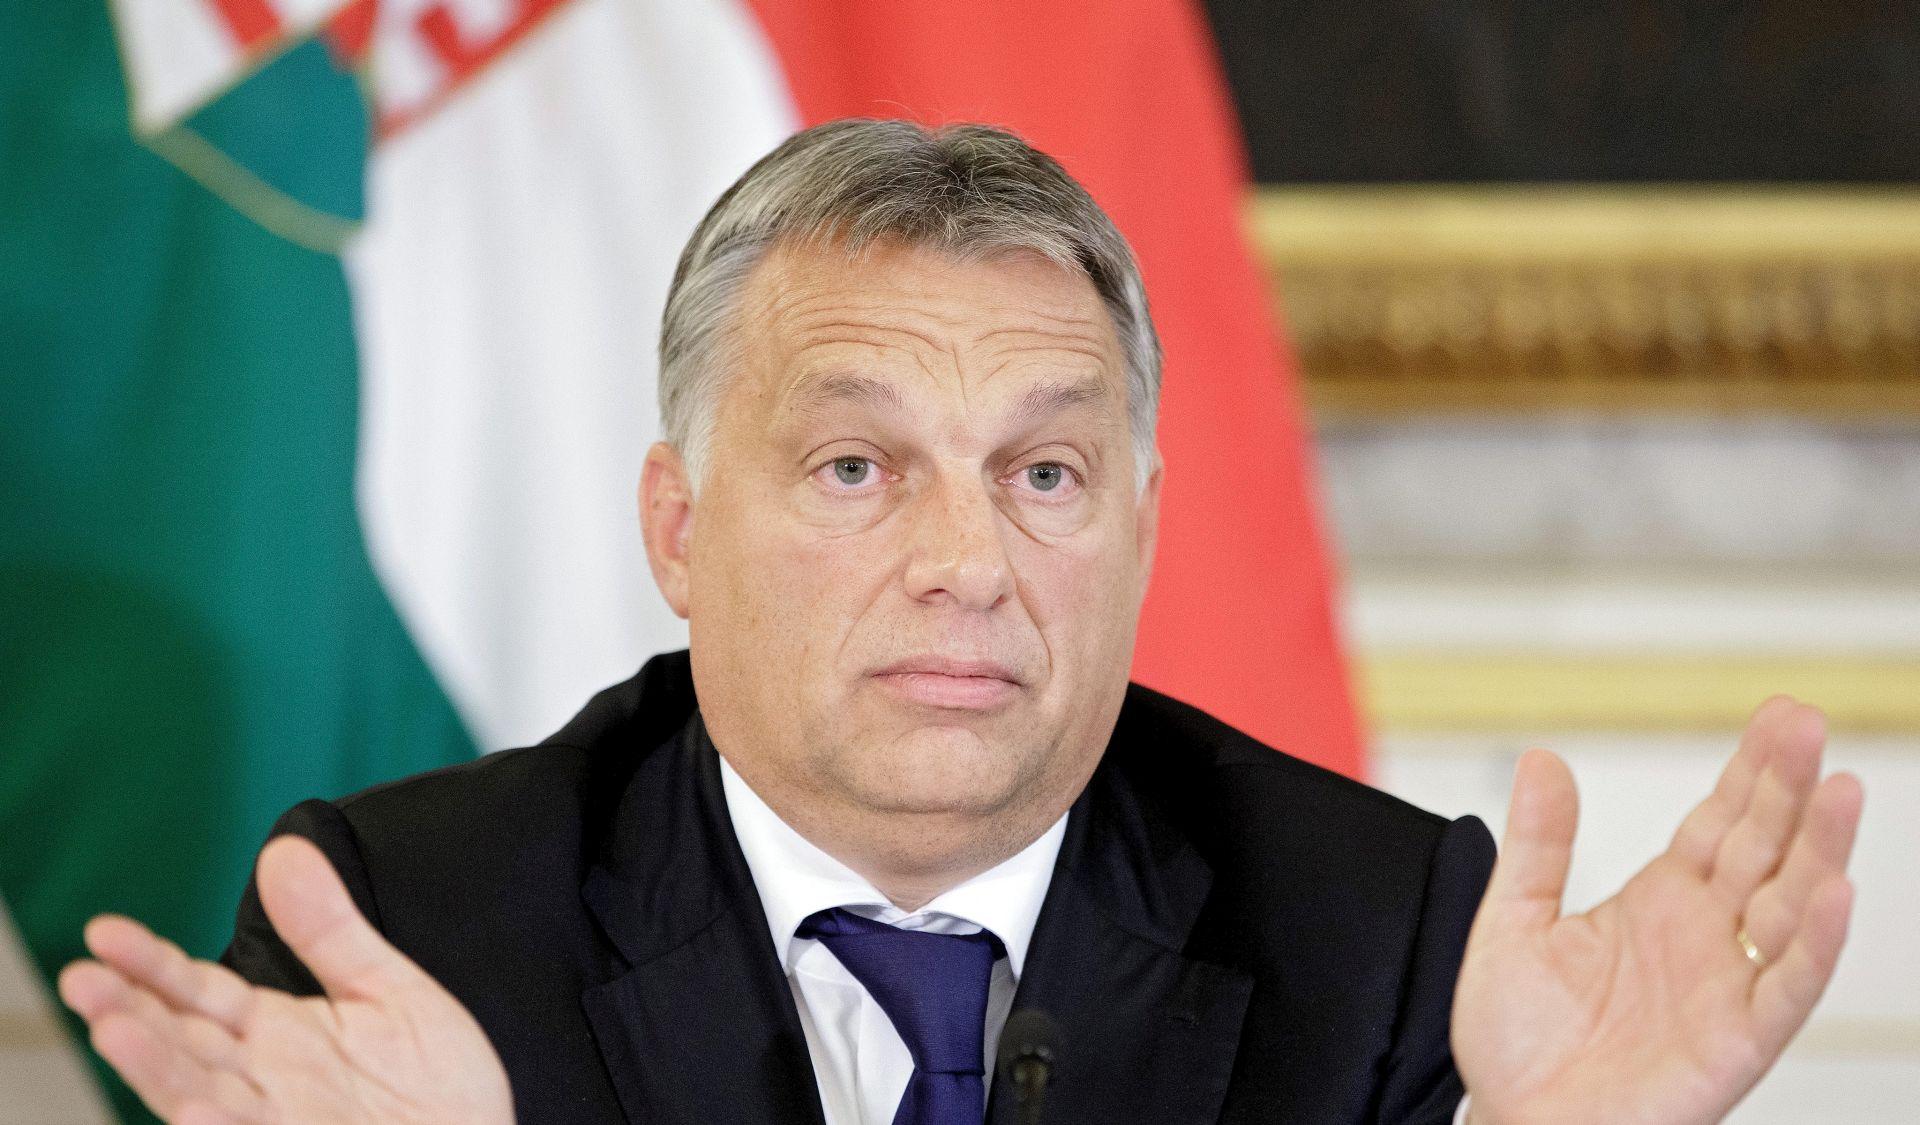 Europska komisija bez komentara Orbanova prijedloga o izbjegličkom gradu u Libiji